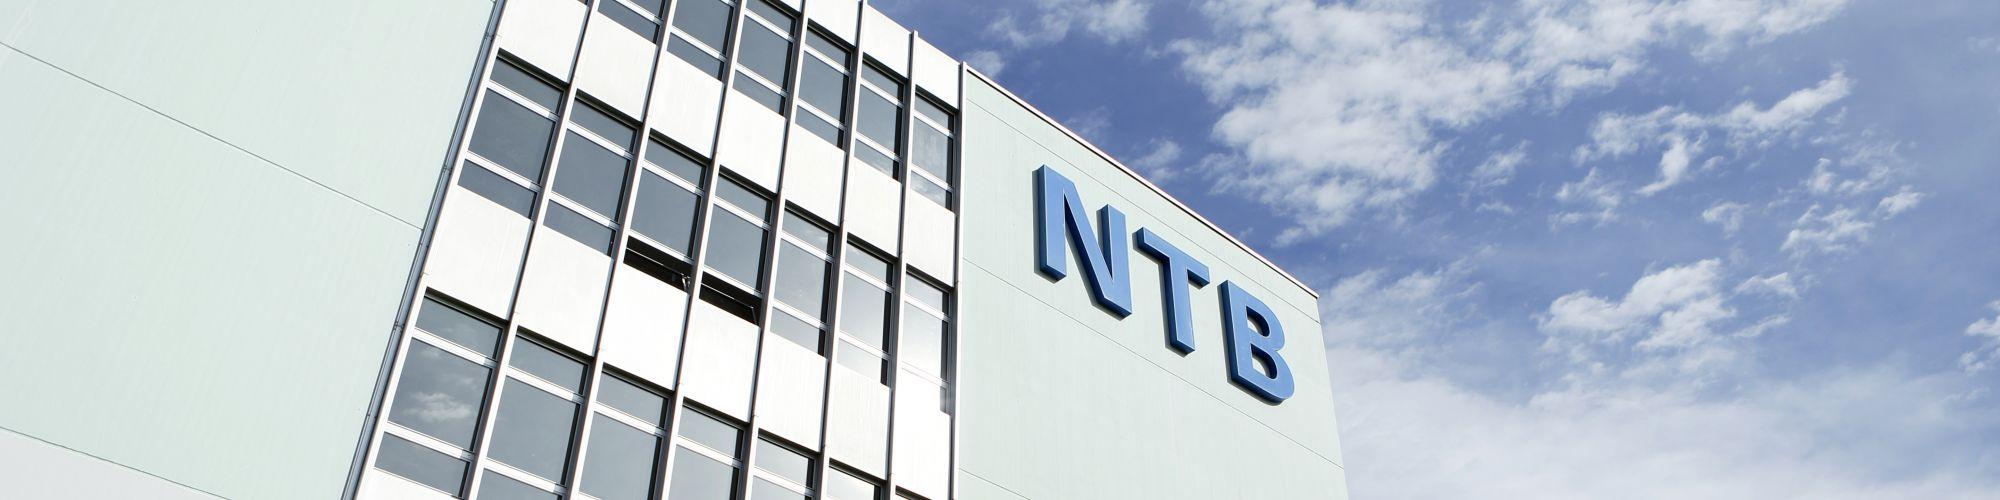 Interstaatliche Hochschule für Technik Buchs NTB